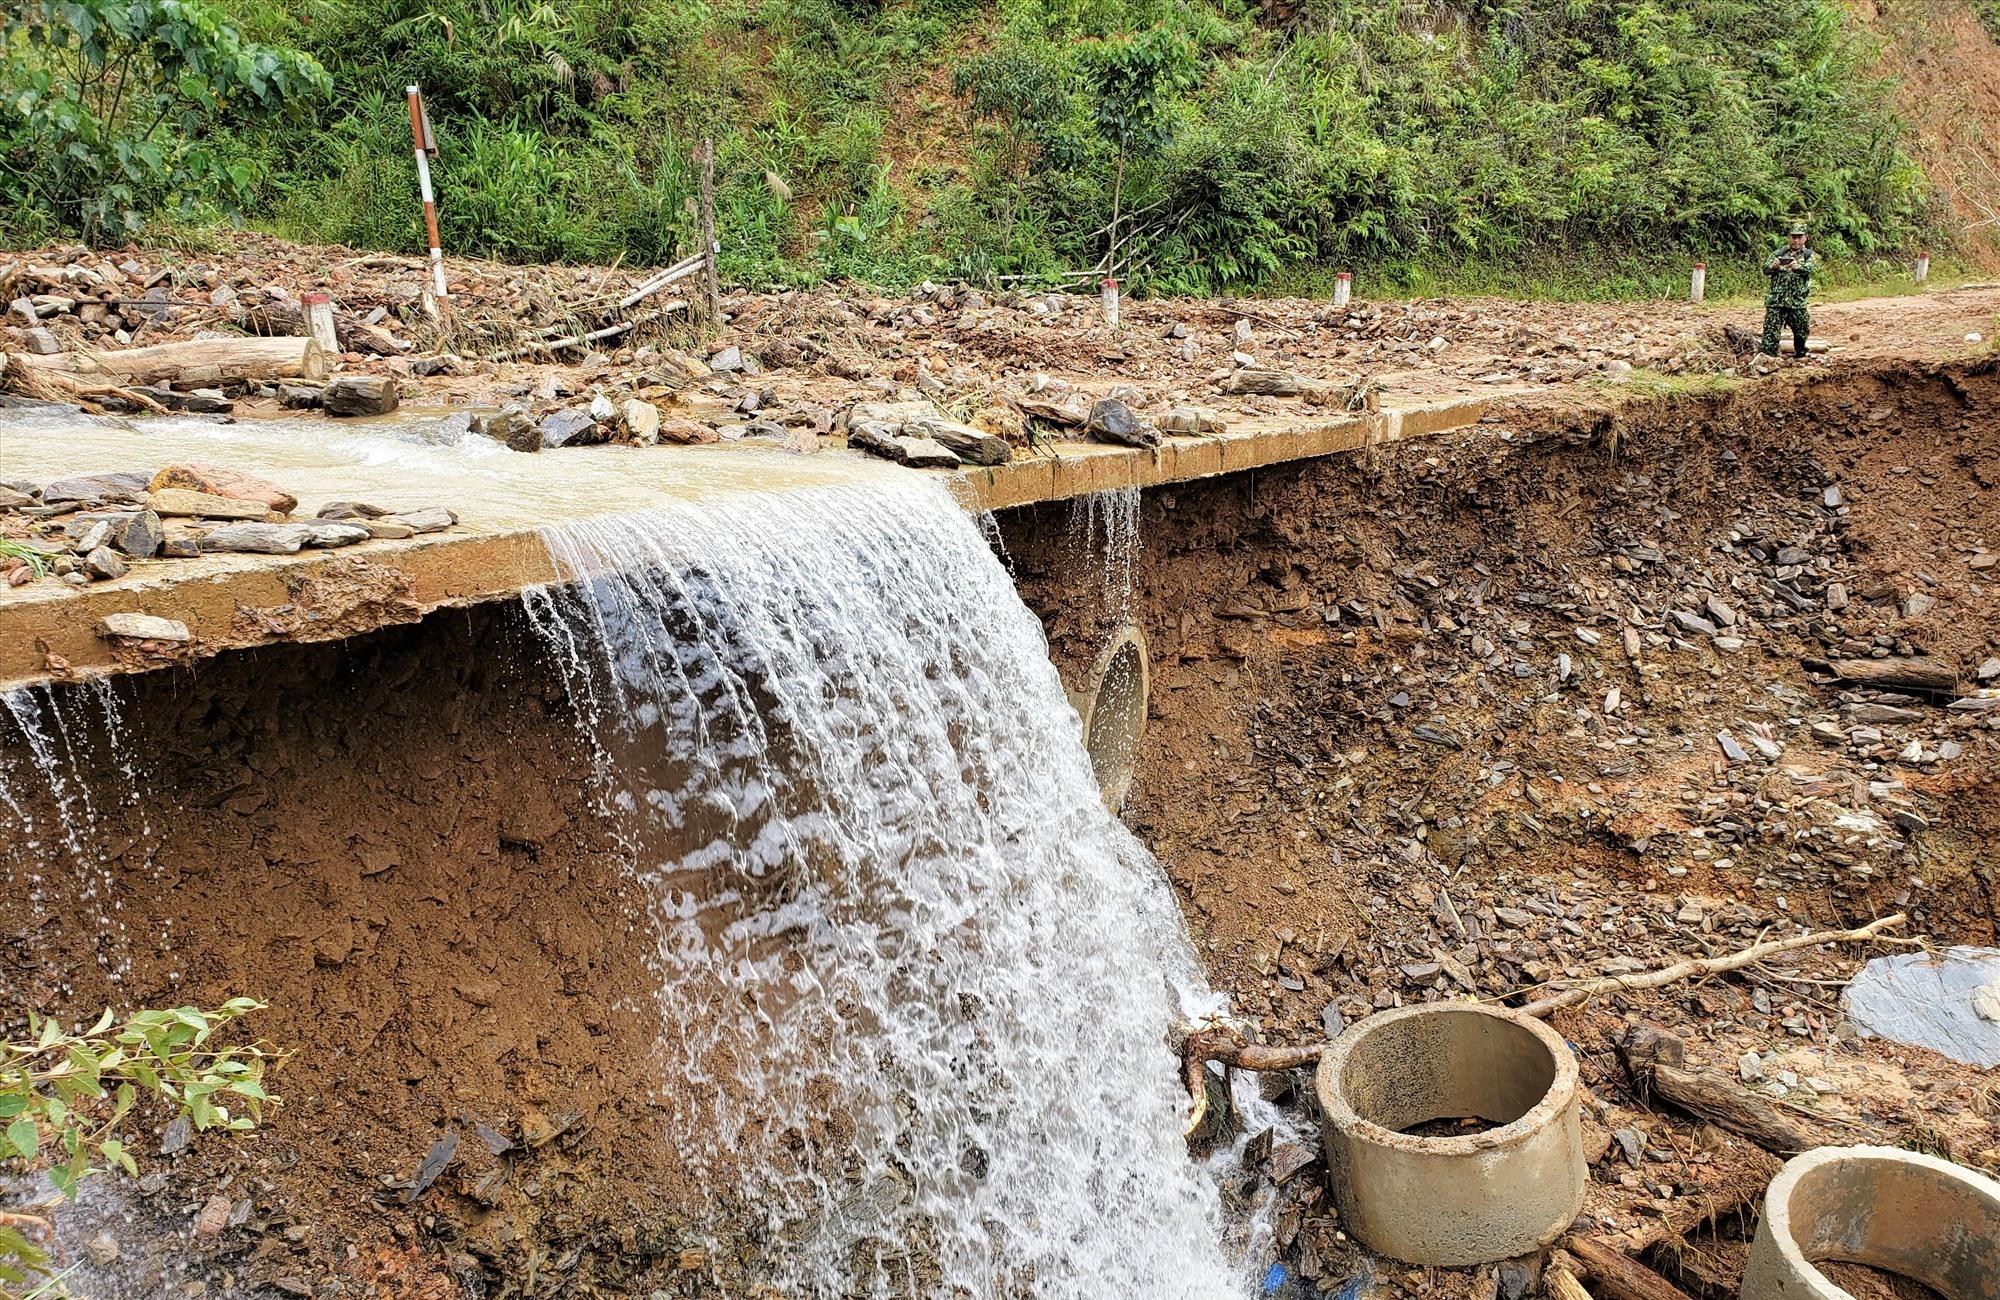 Sau mưa bão, lượng nước từ các cánh rừng vẫn chảy ra đường khiến giao thông hư hỏng nhiều hơn. Ảnh: THANH THẮNG